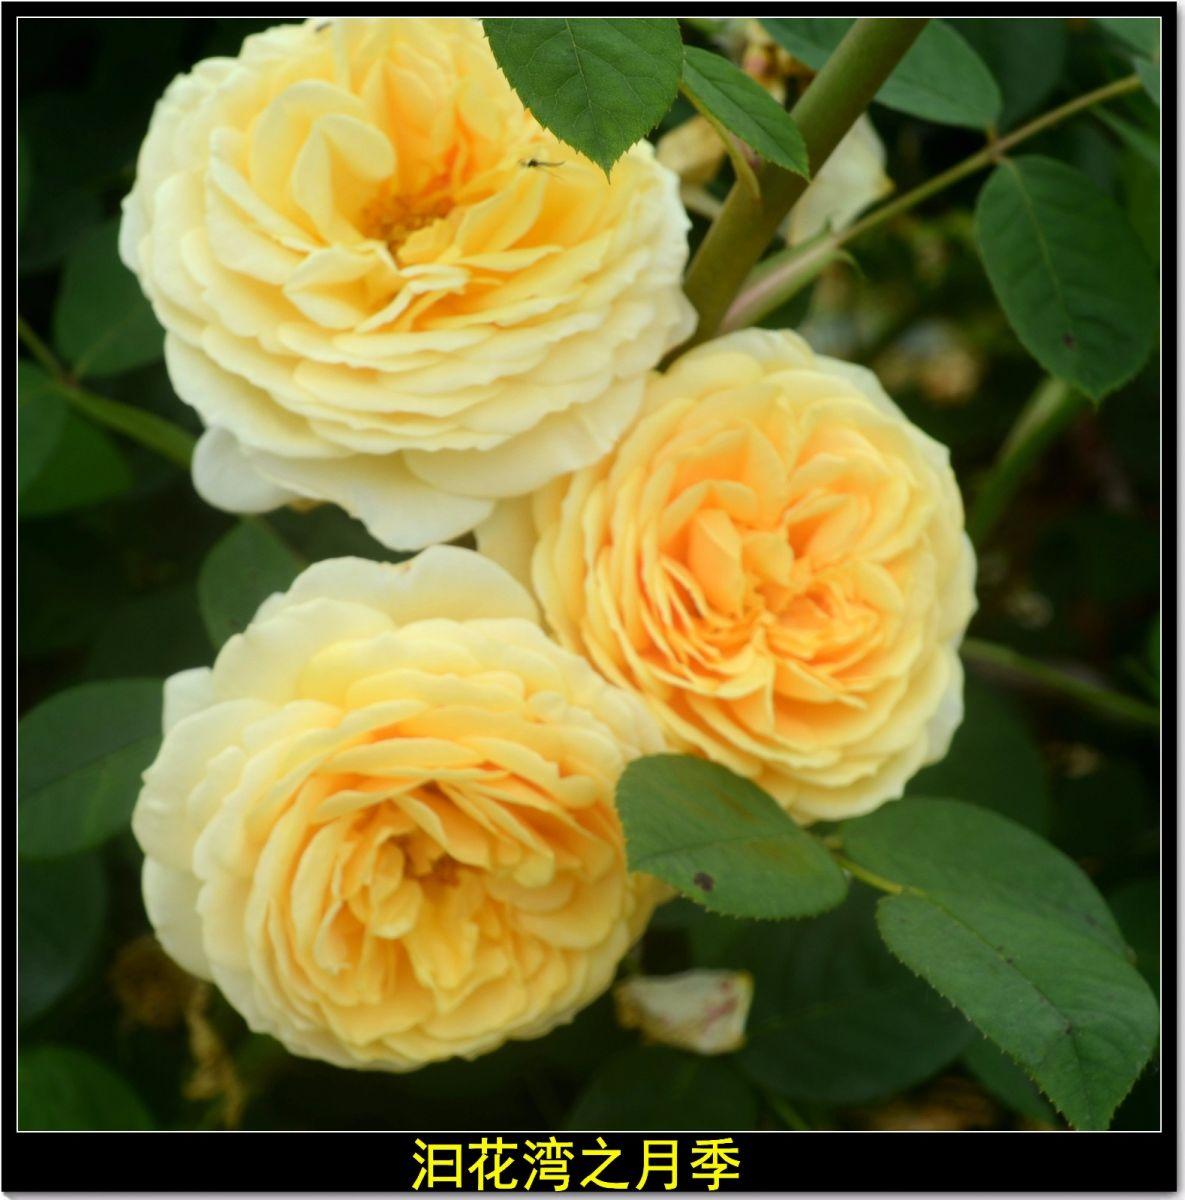 平江泊头记(诗文)_图1-17